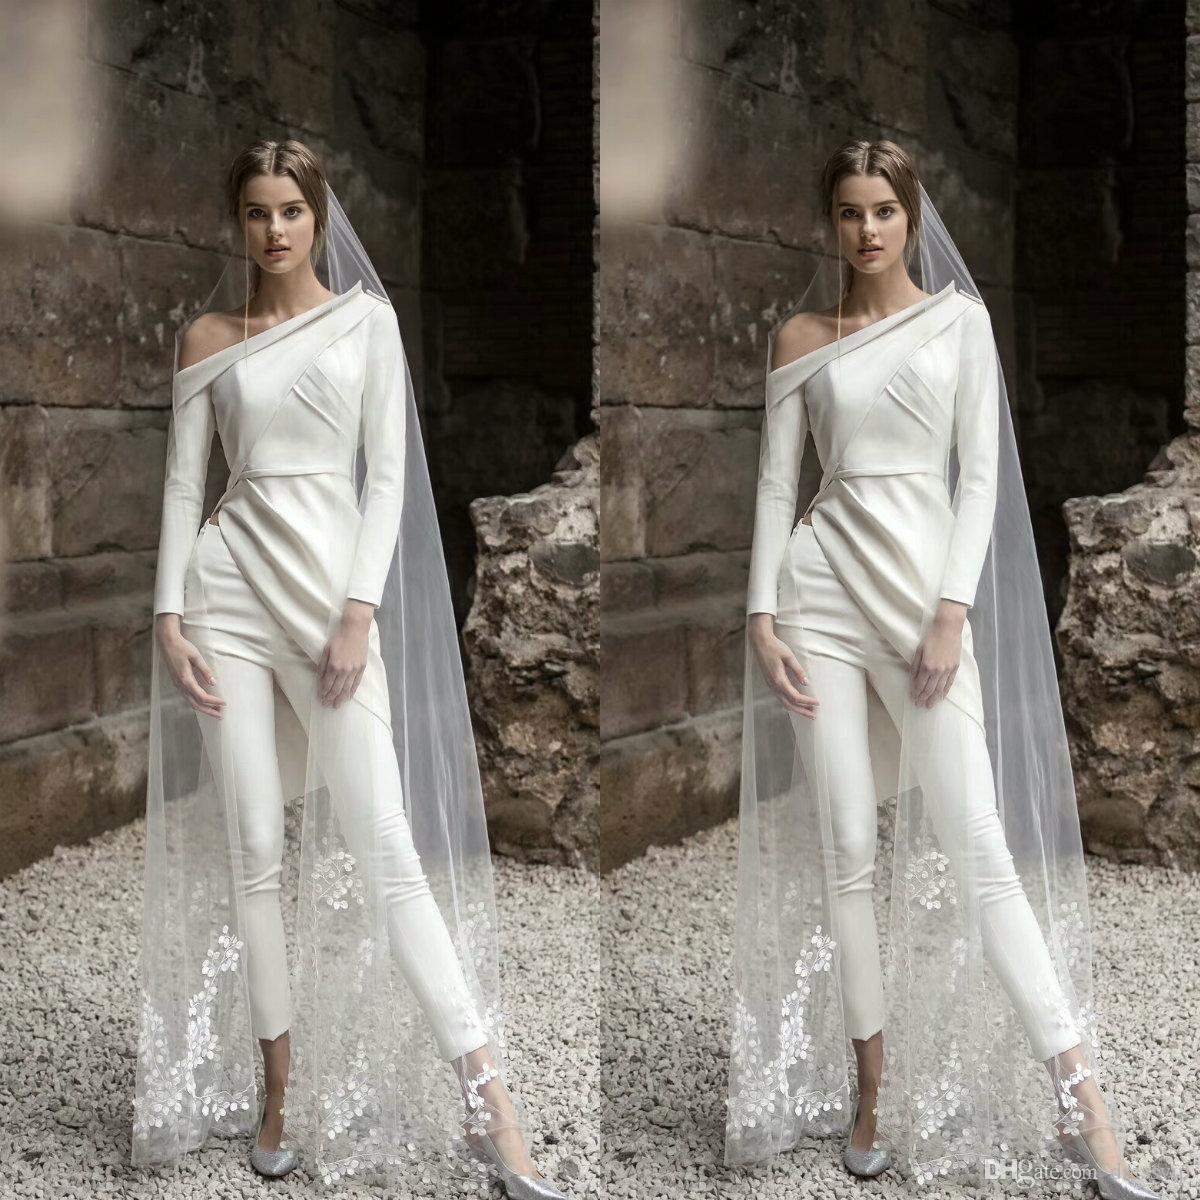 2020 Pantalon de mariée élégant costume manches longues robes de mariage de Bohème Deux Pièces longueur cheville Robes de mariée Boho Robes De Novia